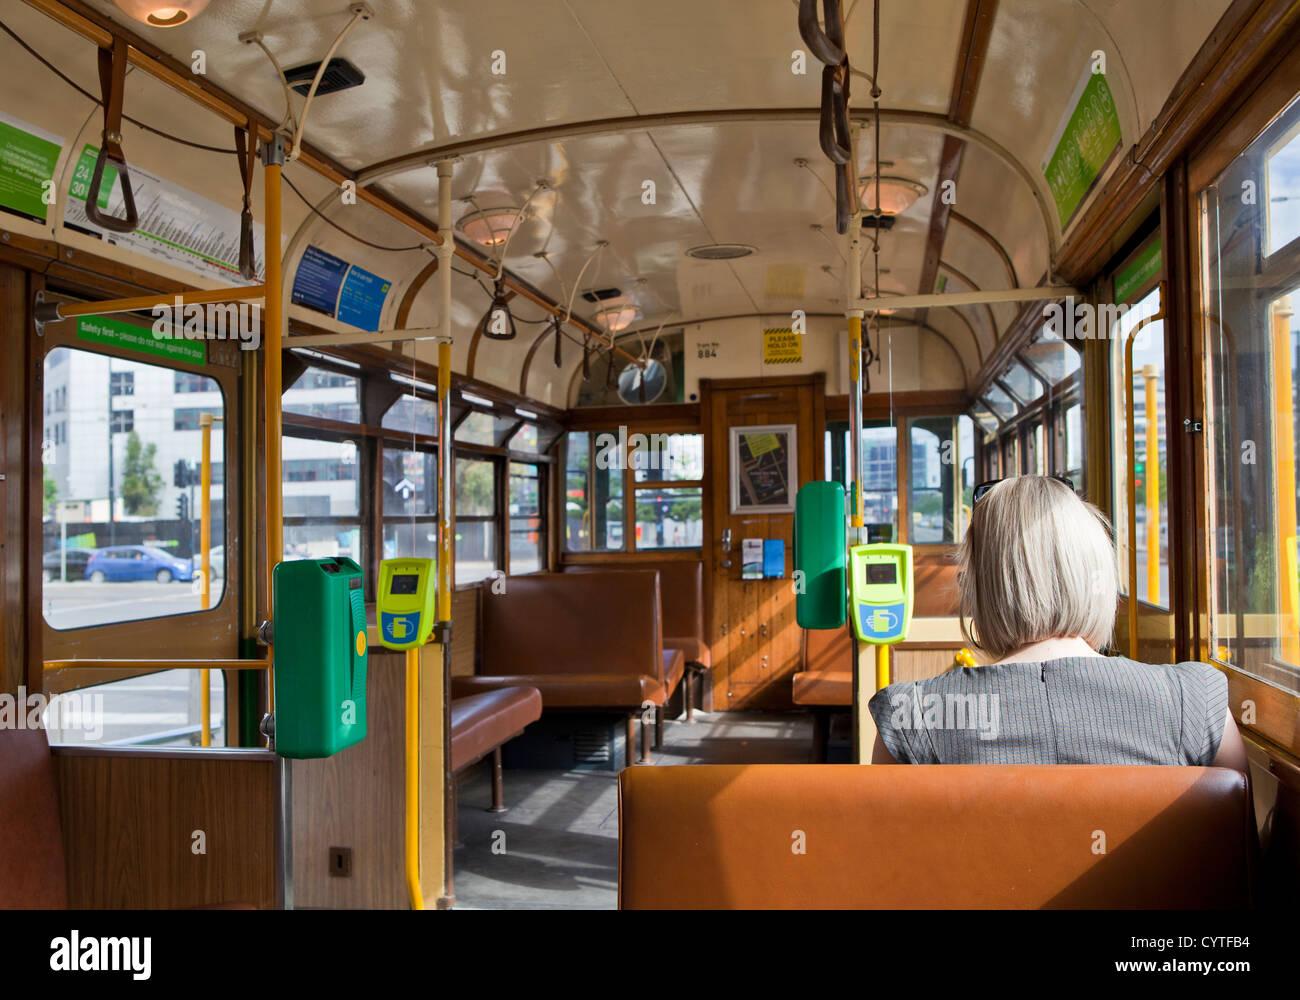 Australisch Familie Interieur : Melbourne australien interieur der alten straßenbahn auf